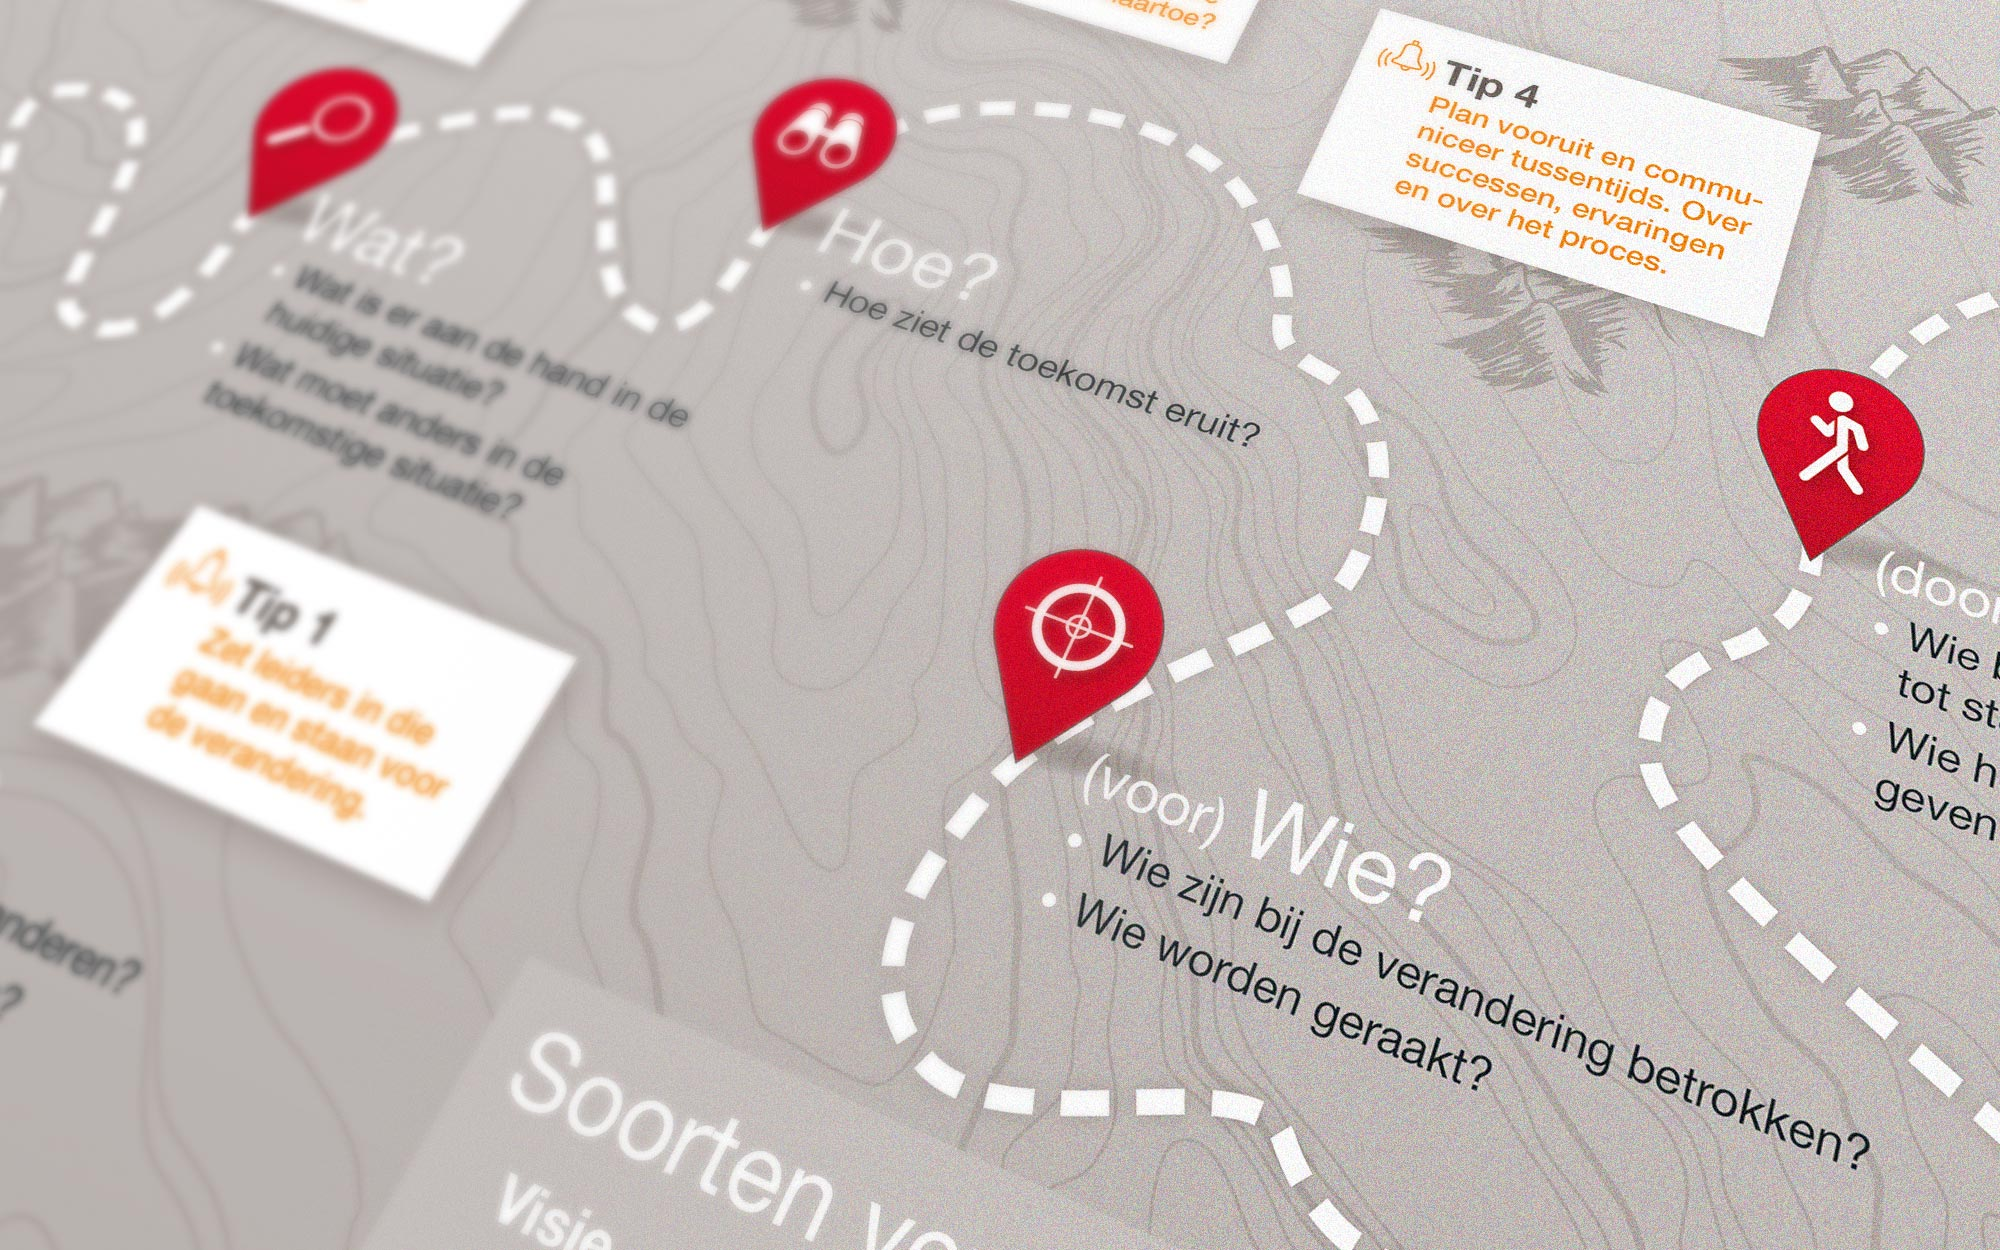 De weg naar succesvol veranderen BEX communicatie infographic JAgd ontwerp detail